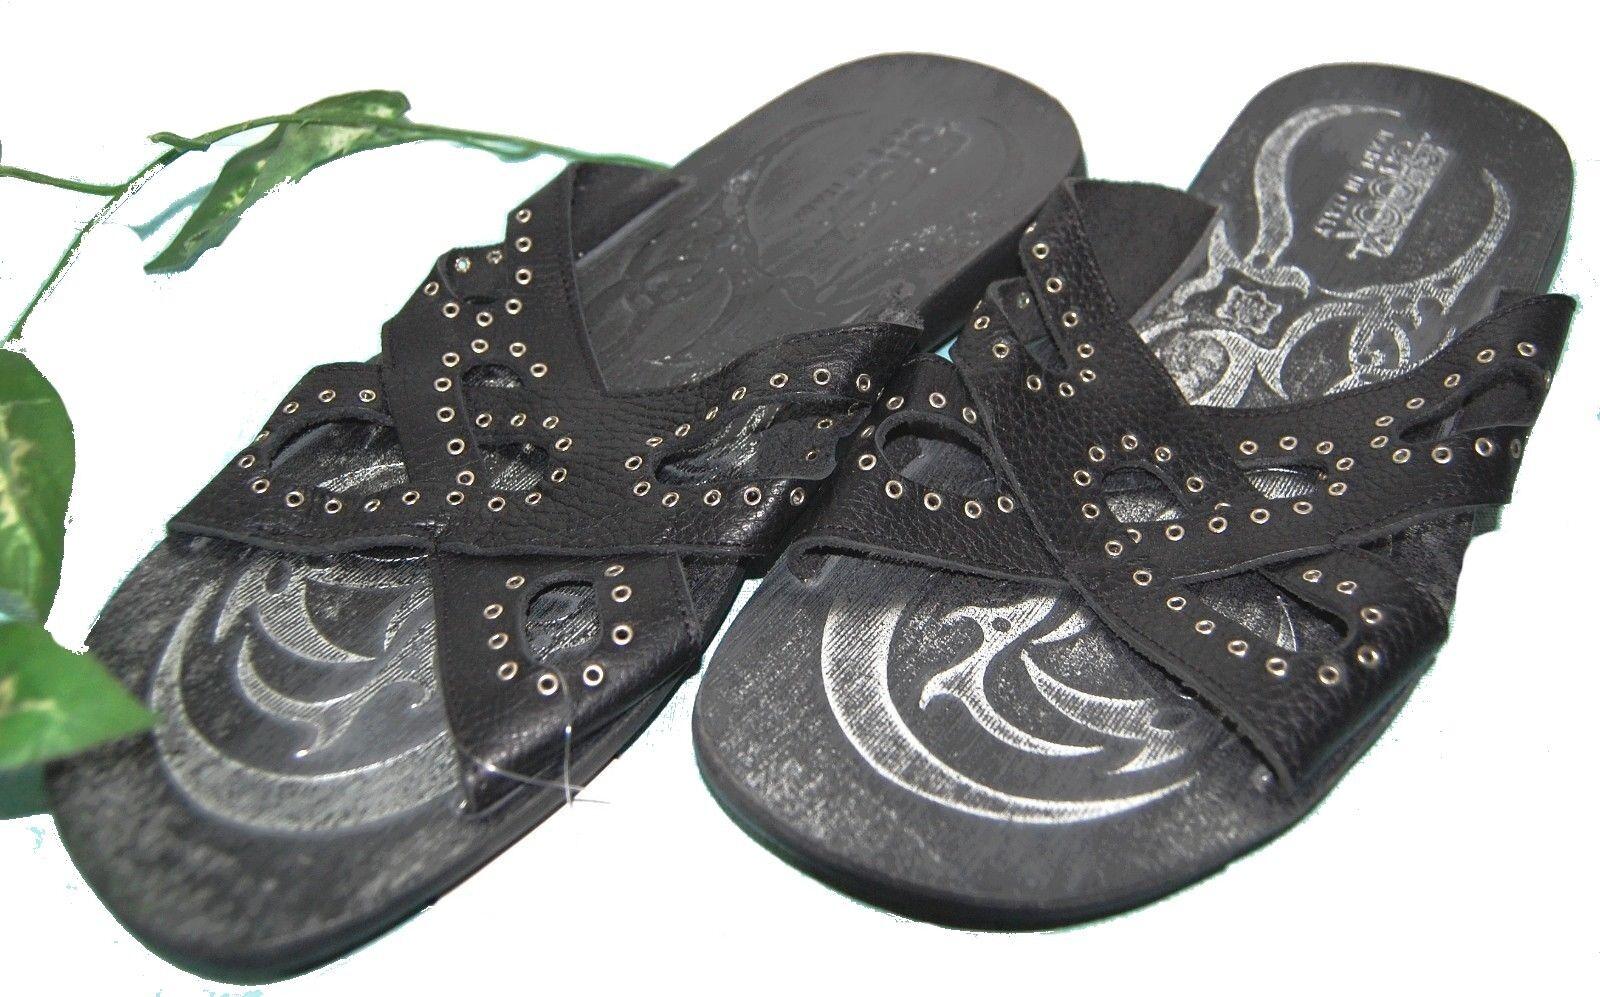 Shoox Black Men's Leather  Flip Flops Sandals shoes Size US 12 EU 45 NEW